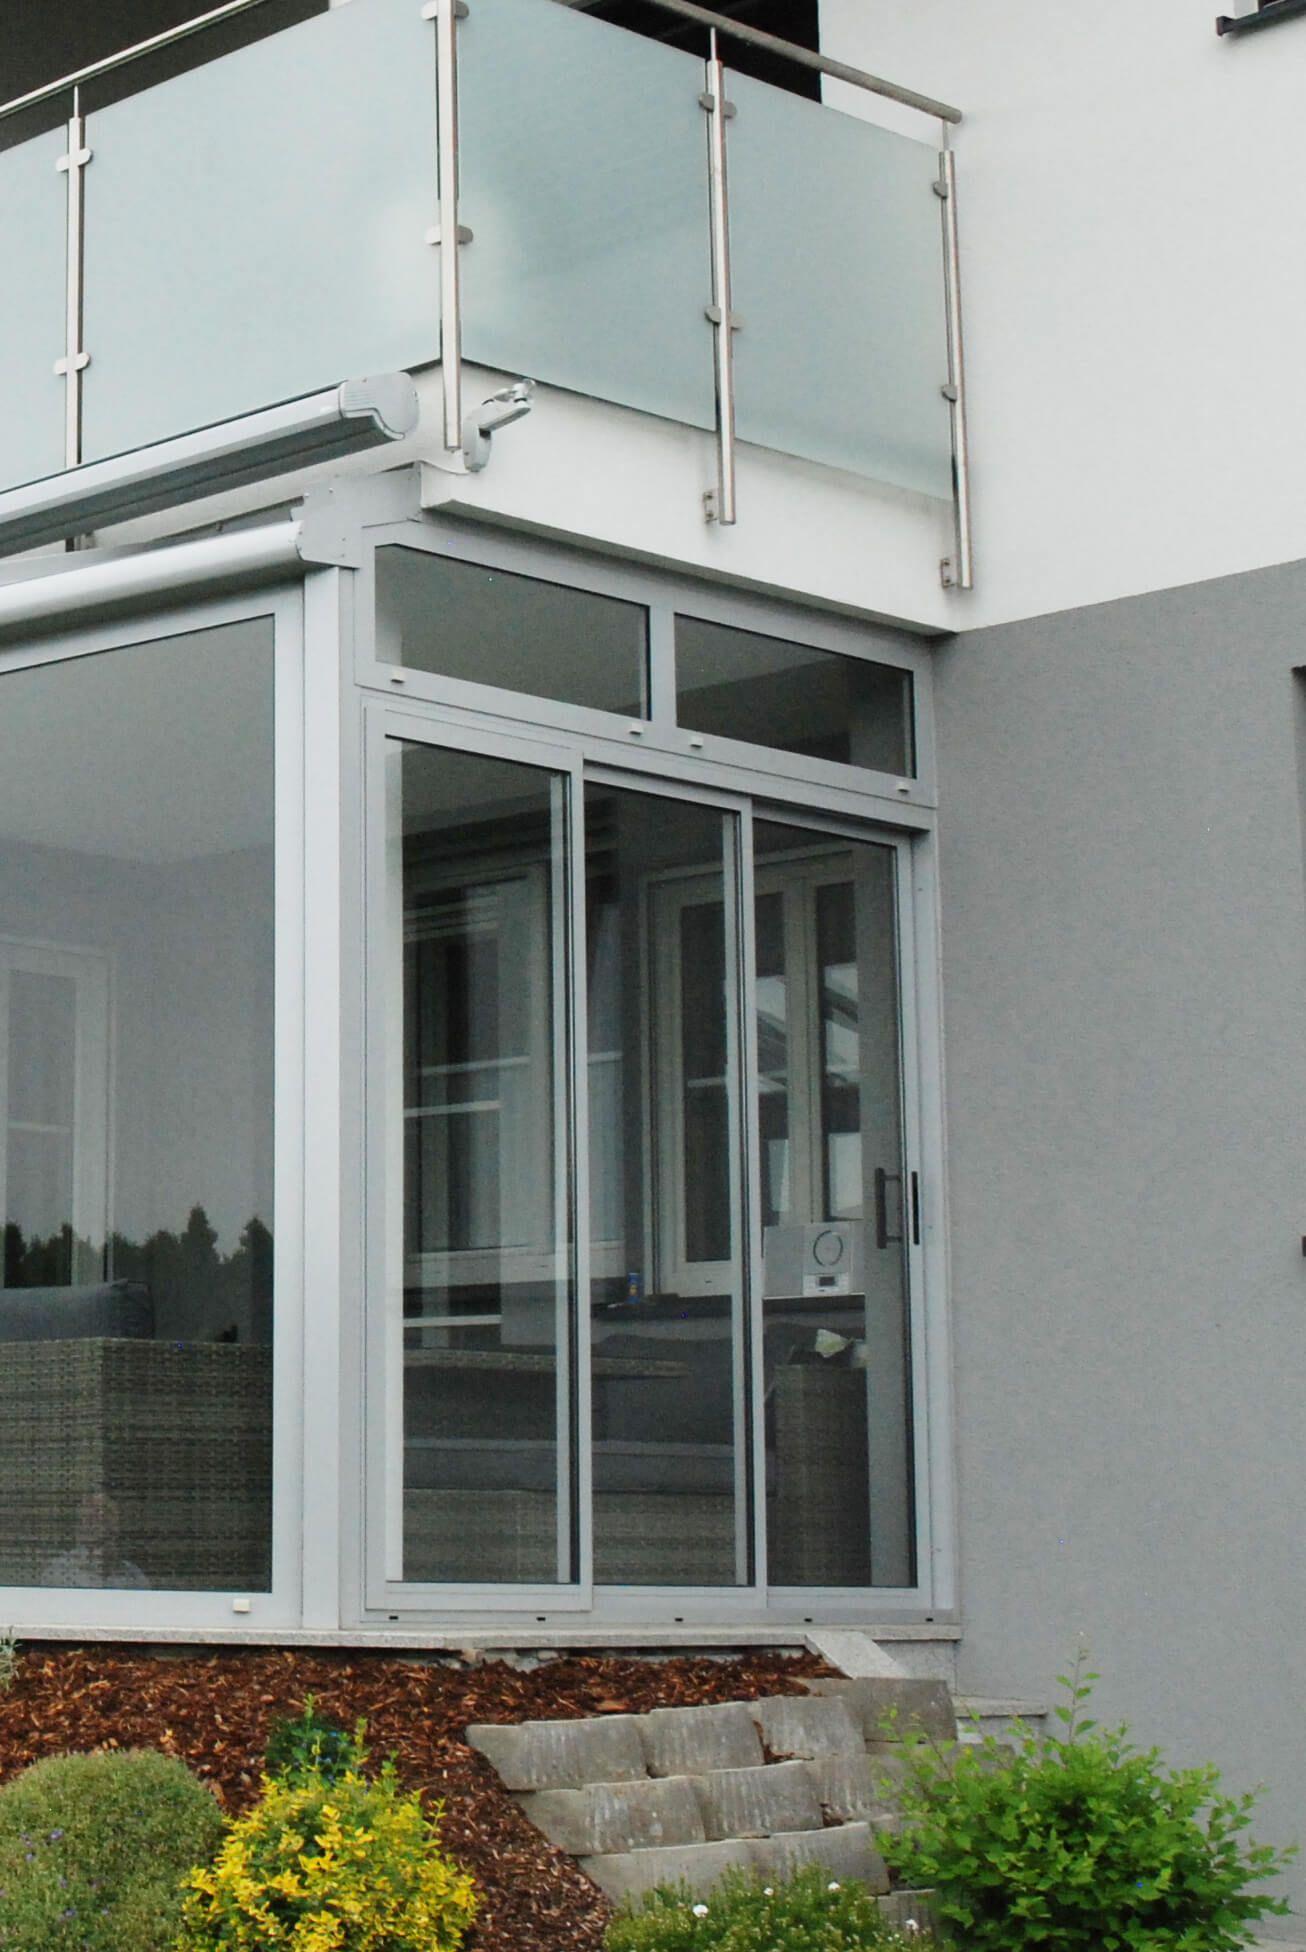 Bekannt Detail Schiebeverglasung mit Rahmen | Schmidinger Projekte TM13